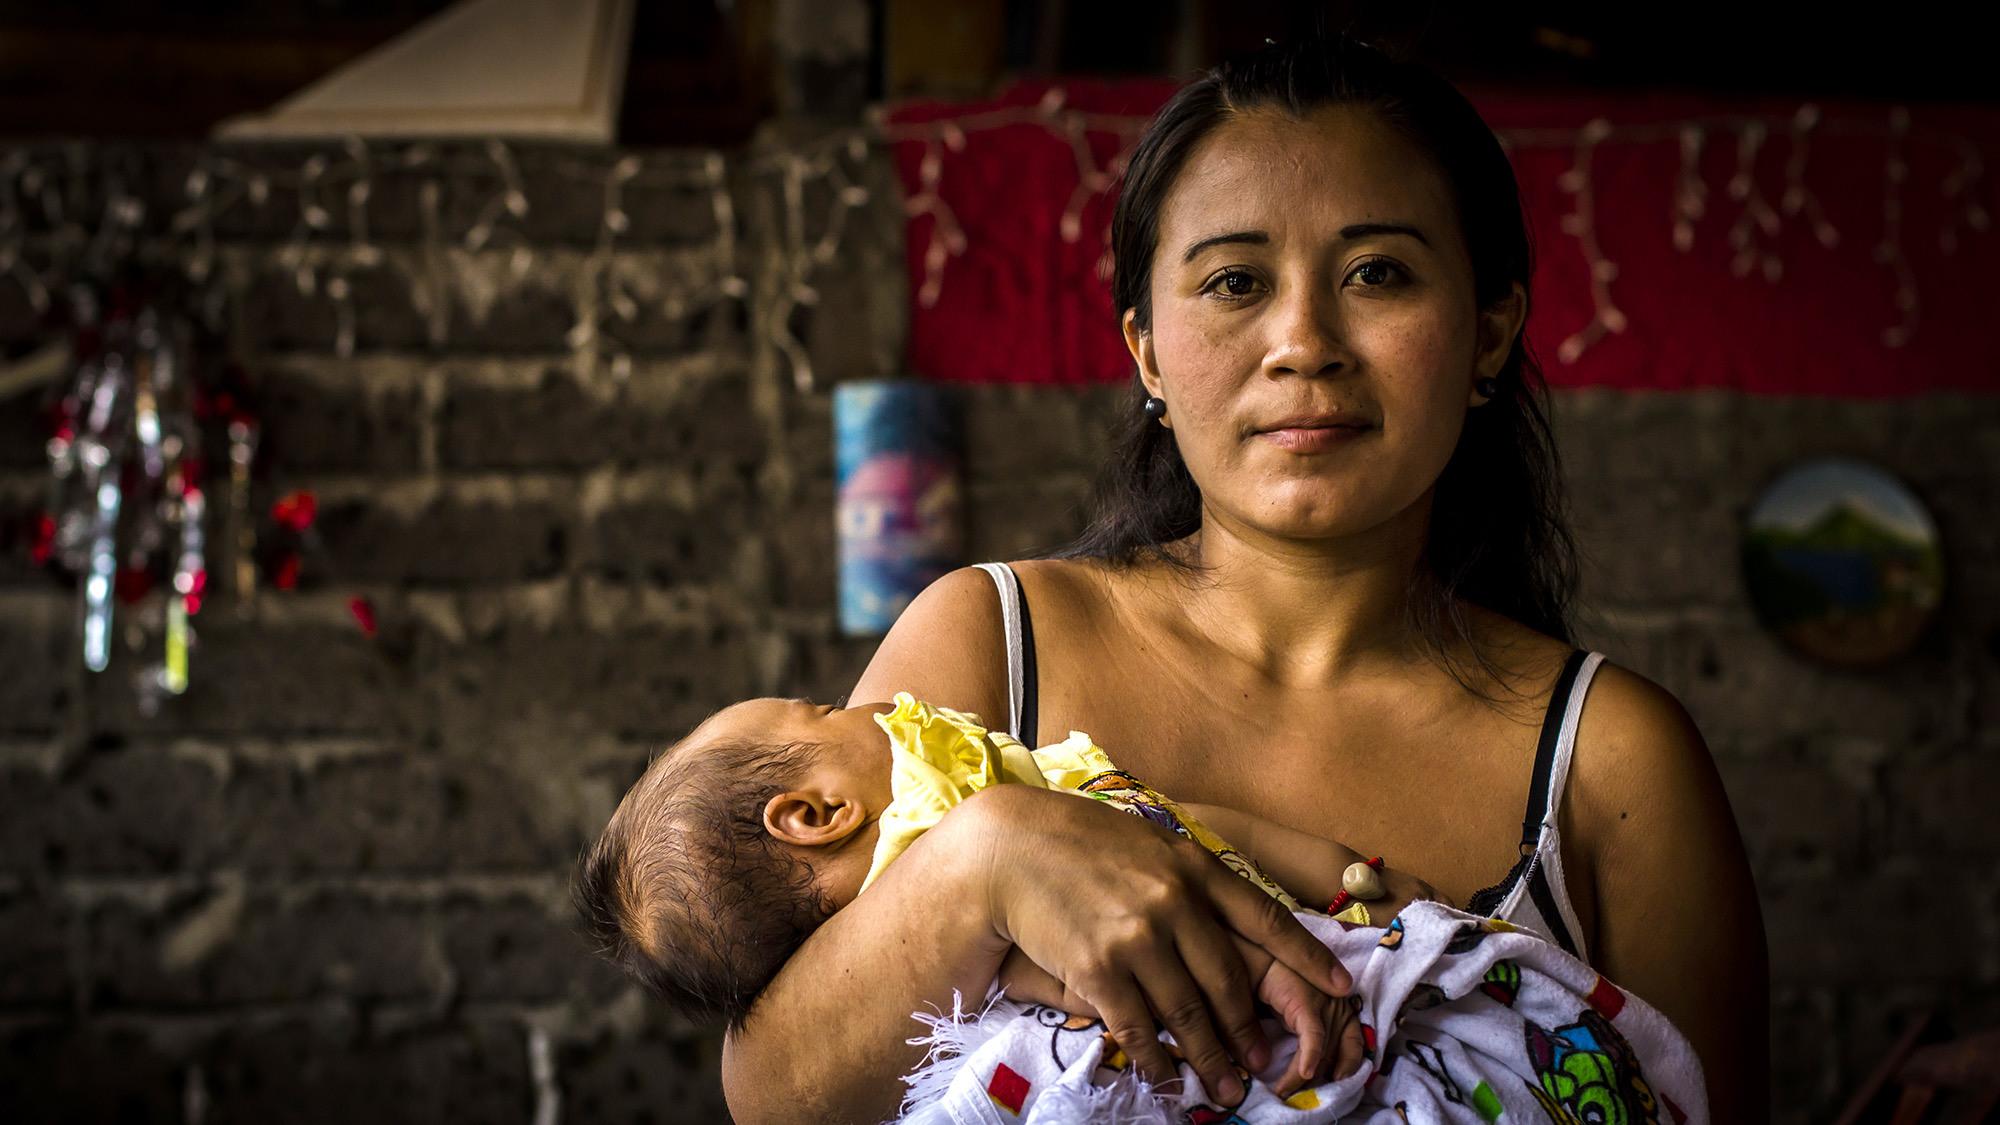 """Carmen Guadalupe Vásquez, de 26 años, sostiene a su hijo durante una entrevista con FACTUM en Cojutepeque, Cuscatlán. Guadalupe fue indultada por la Asamblea Legislativa por el delito de Homicidio Agravado, cuando sufrío un aborto espontáneo en el 2007. Gracias a la iniciativa del movimiento por las mujeres """"Las 17"""", Guadalupe ahora reconstruye su vida junto a su hijo. Foto FACTUM/Salvador MELENDEZ"""